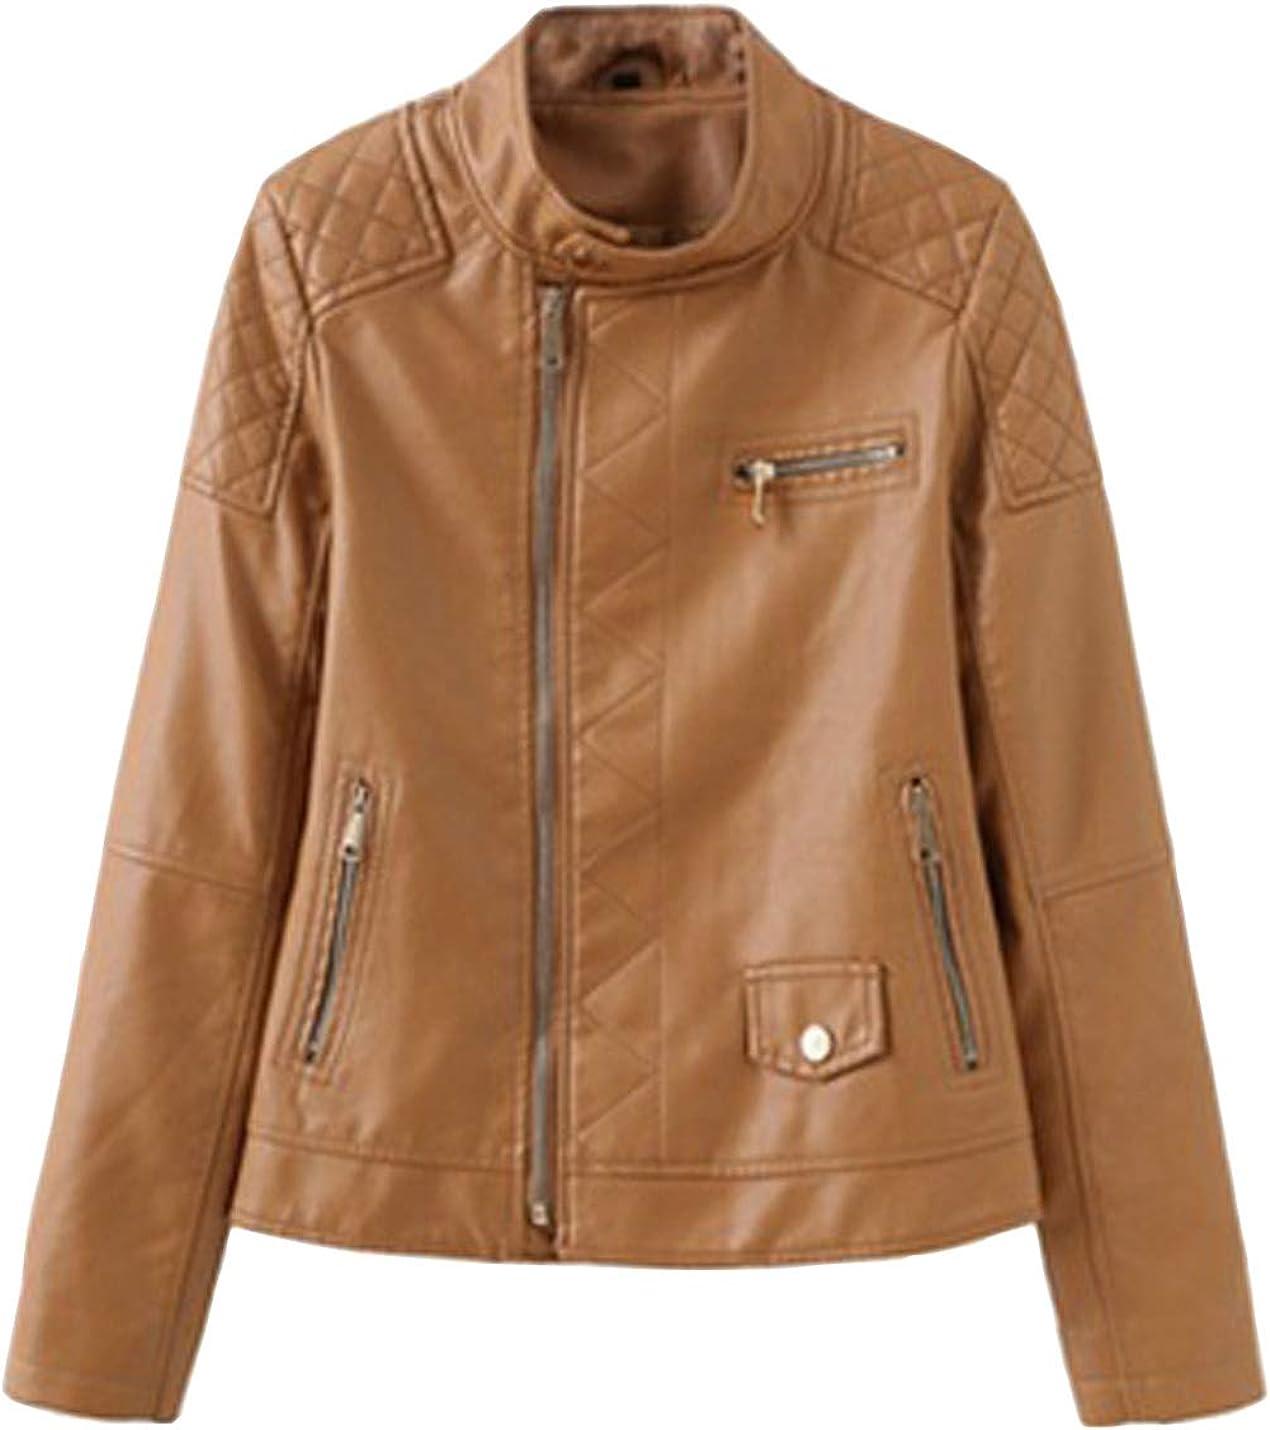 Gihuo Women's Faux Leather PU Motorcycle Biker Jacket Outerwear